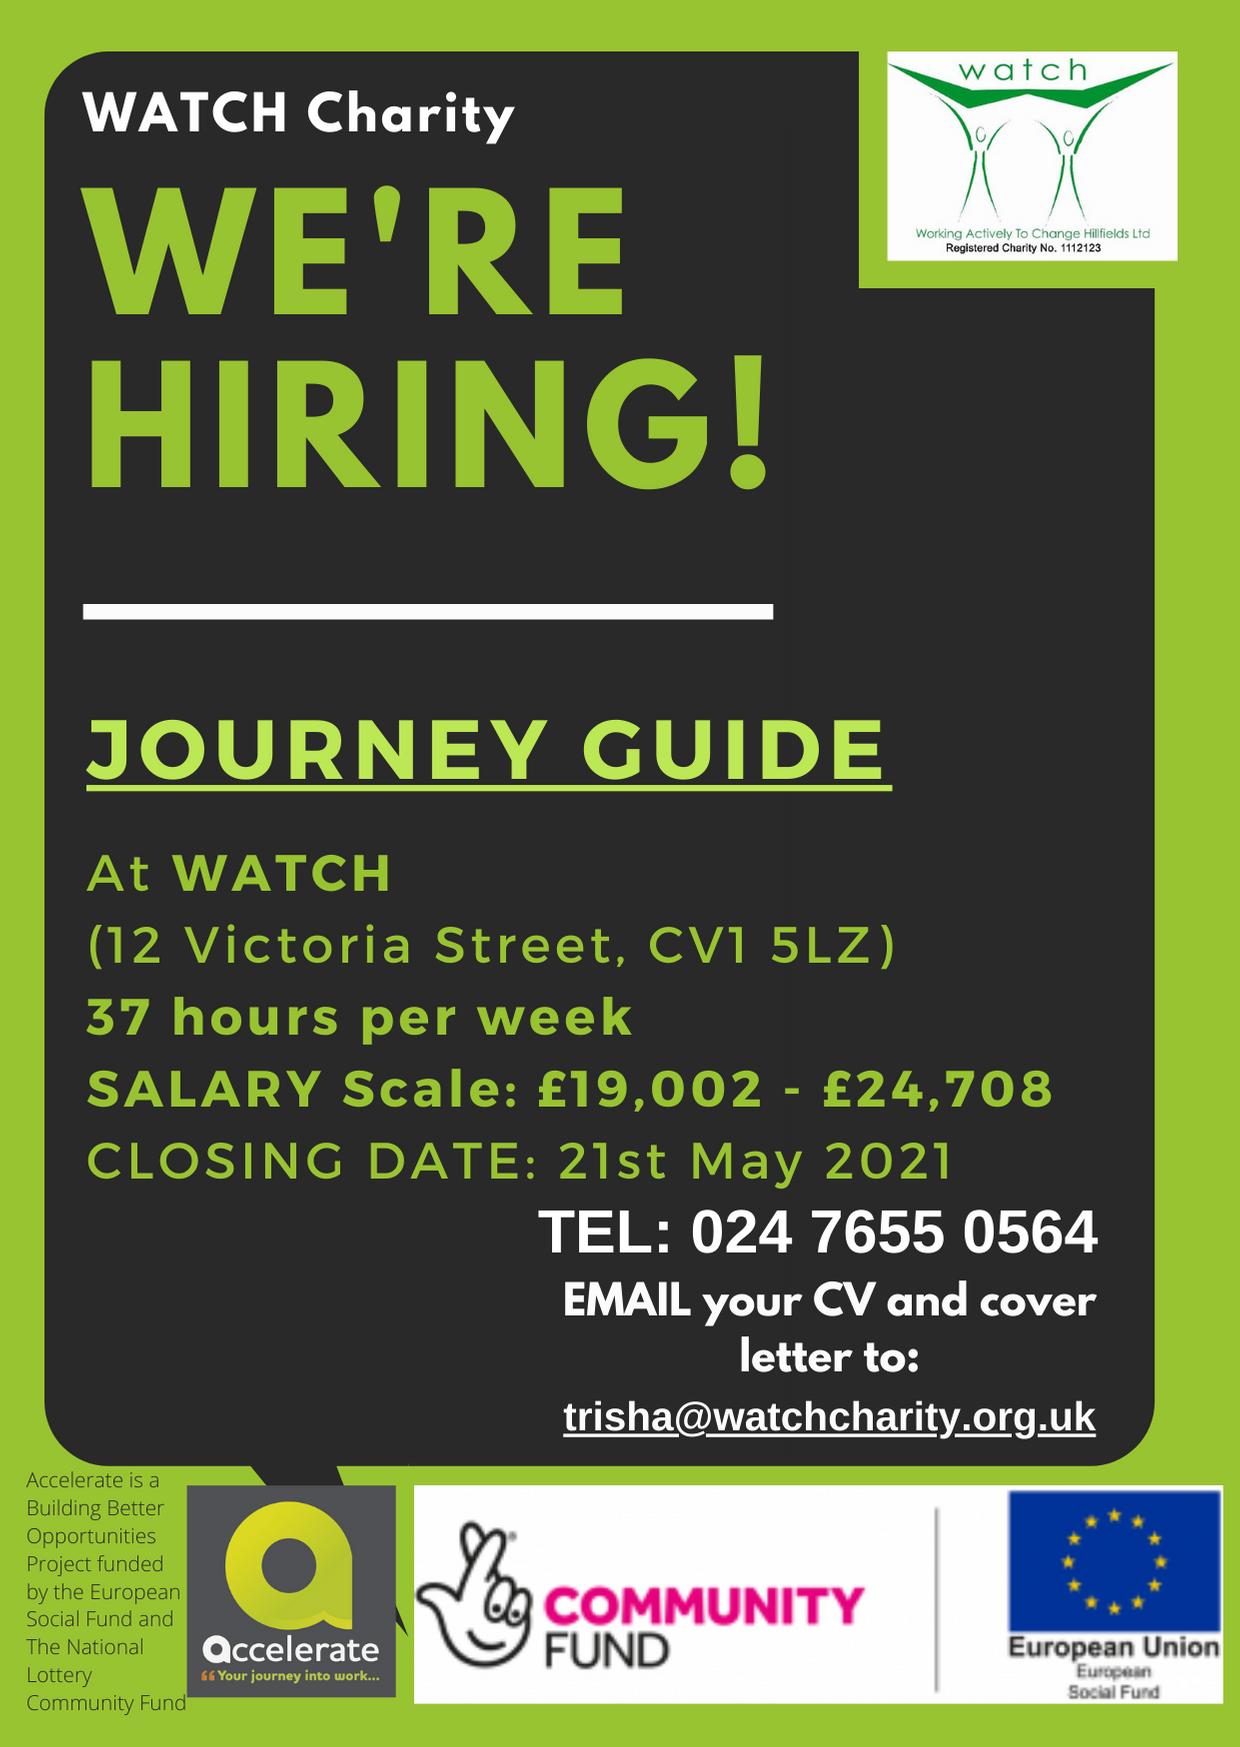 Journey Guide Vacancy